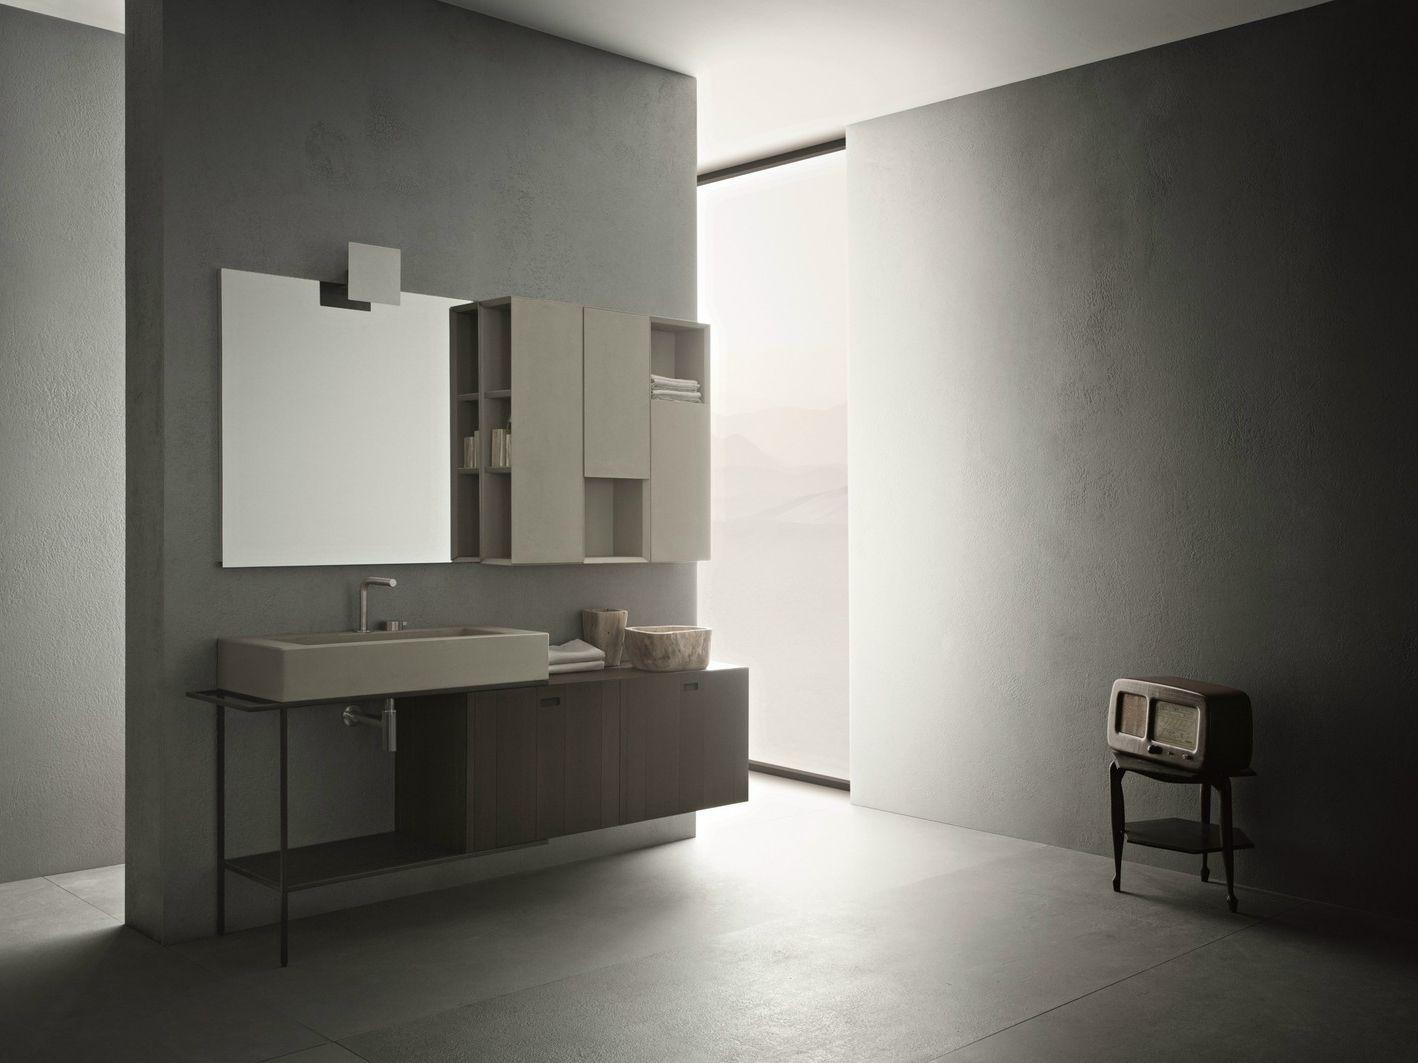 Arredo bagno completo craft composizione n05 collezione - Arredo bagno completo ...